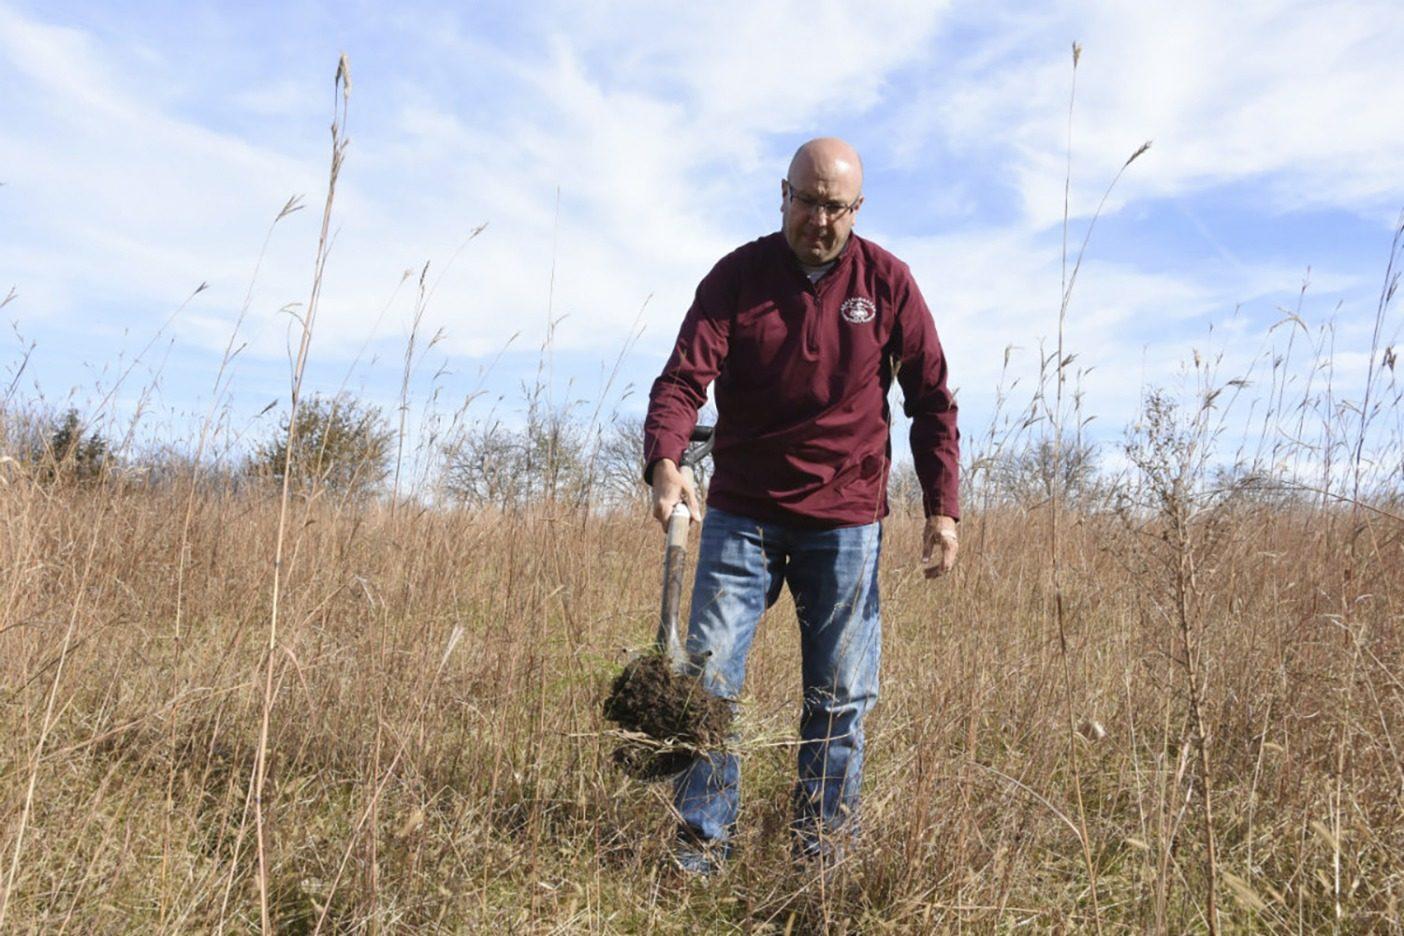 フィッケは700エーカーのリジェネラティブ・オーガニック農場を「丘と岩」の集まりだと苦笑いして言う。彼はここで余計なことをせず、任せきりにすることの報酬を証明する。Photo:Del Ficke